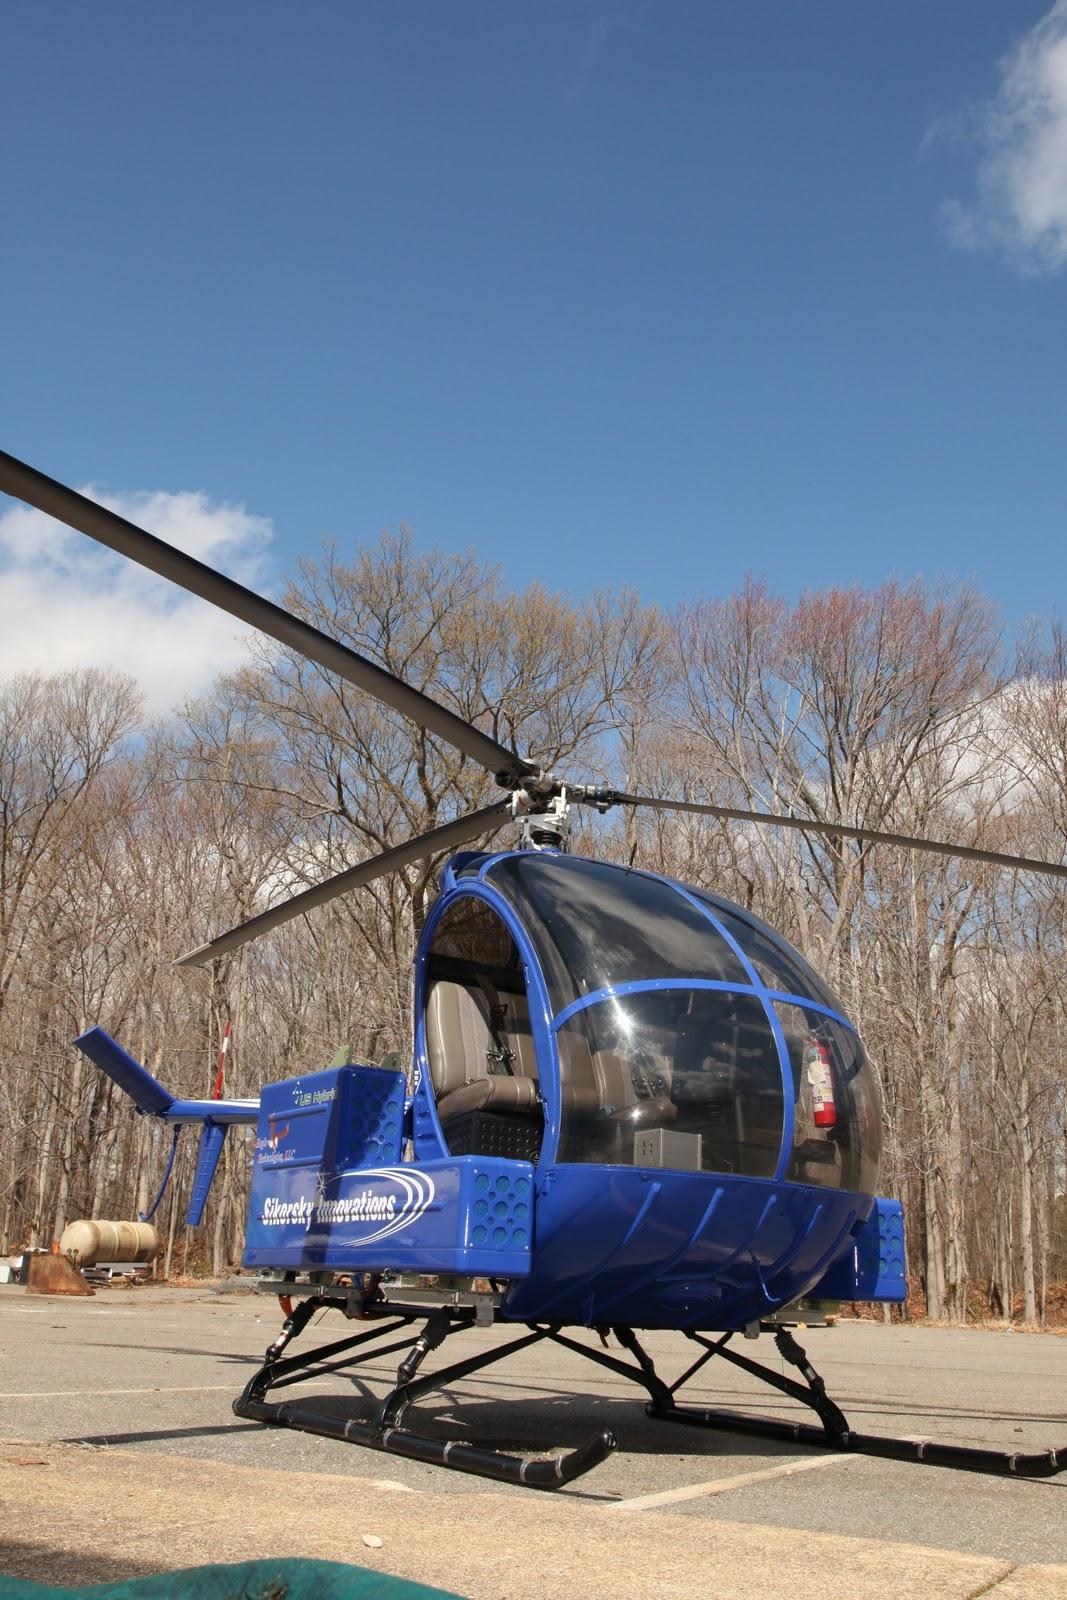 Elicottero 355 : New ray elicottero guardia costiera augusta westland aw art